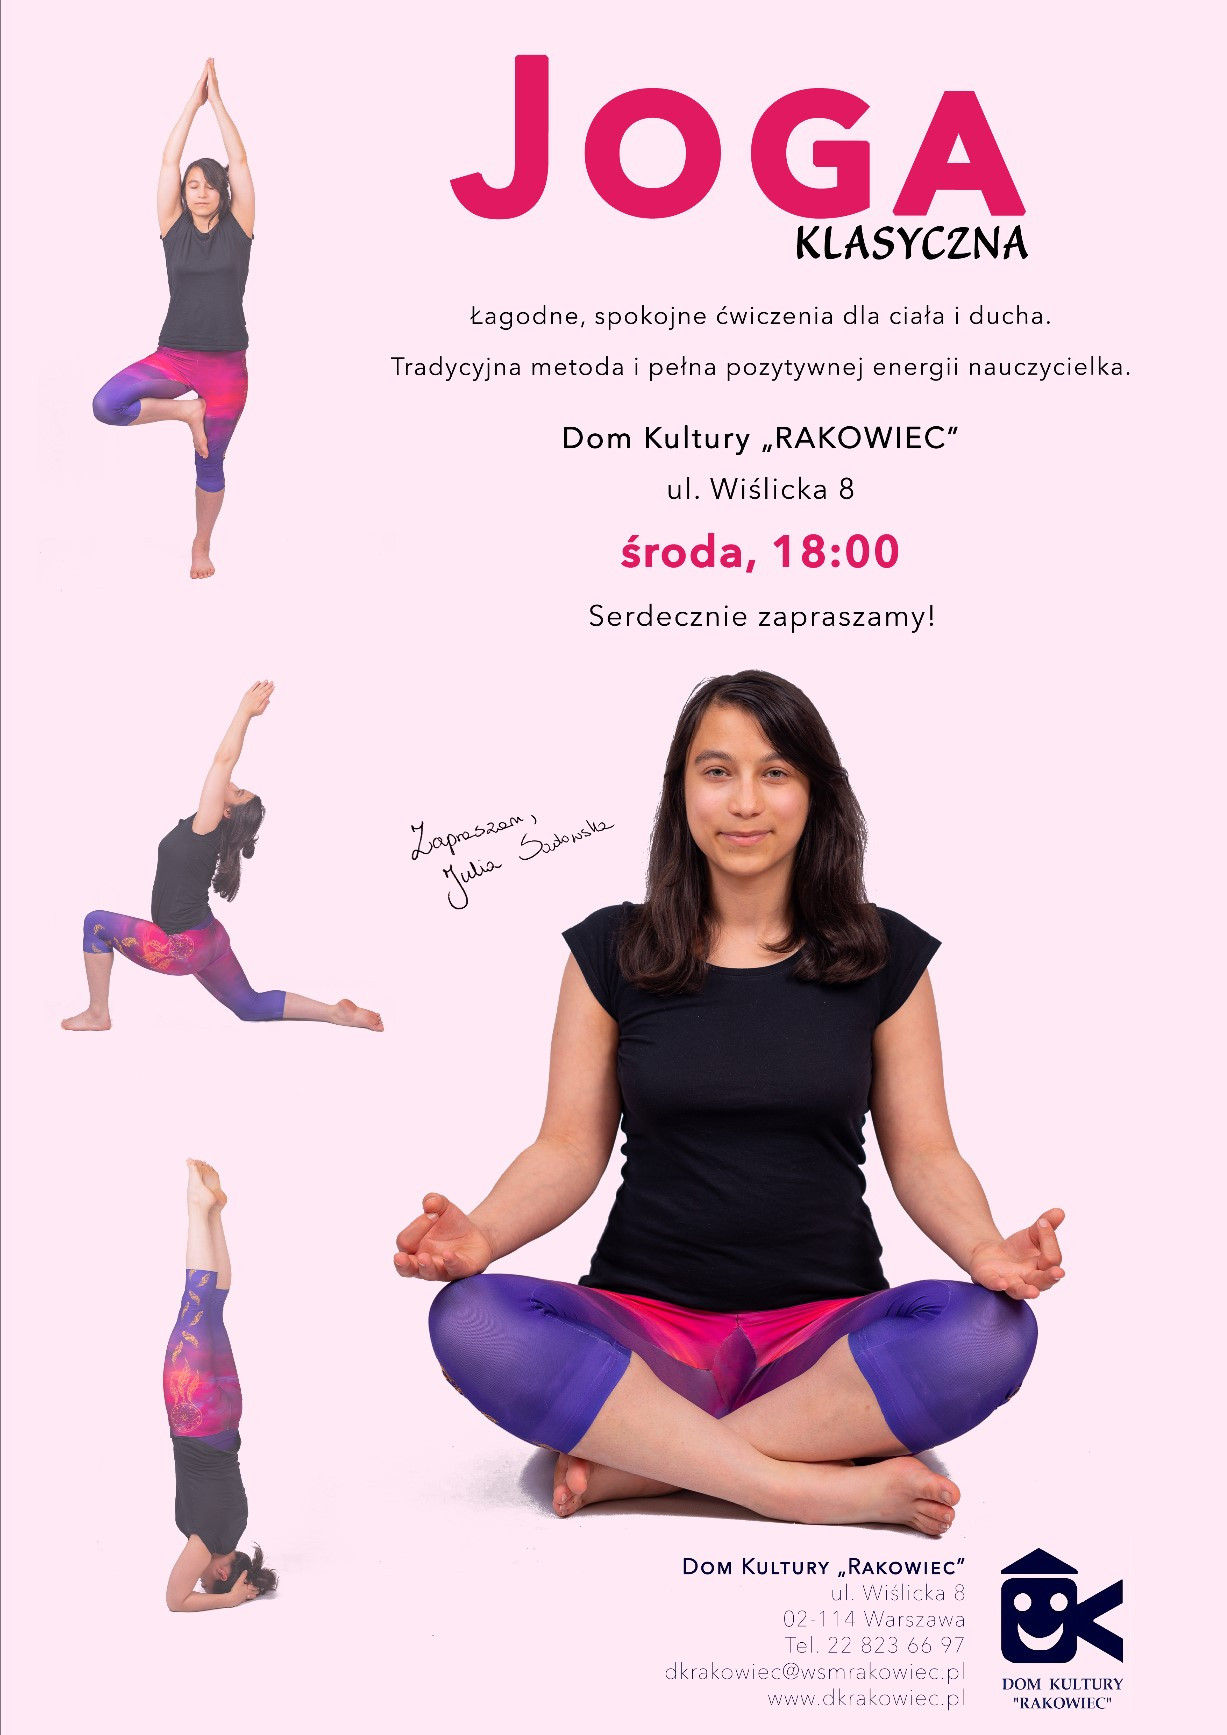 plakat Julia S joga_20200918.jpg